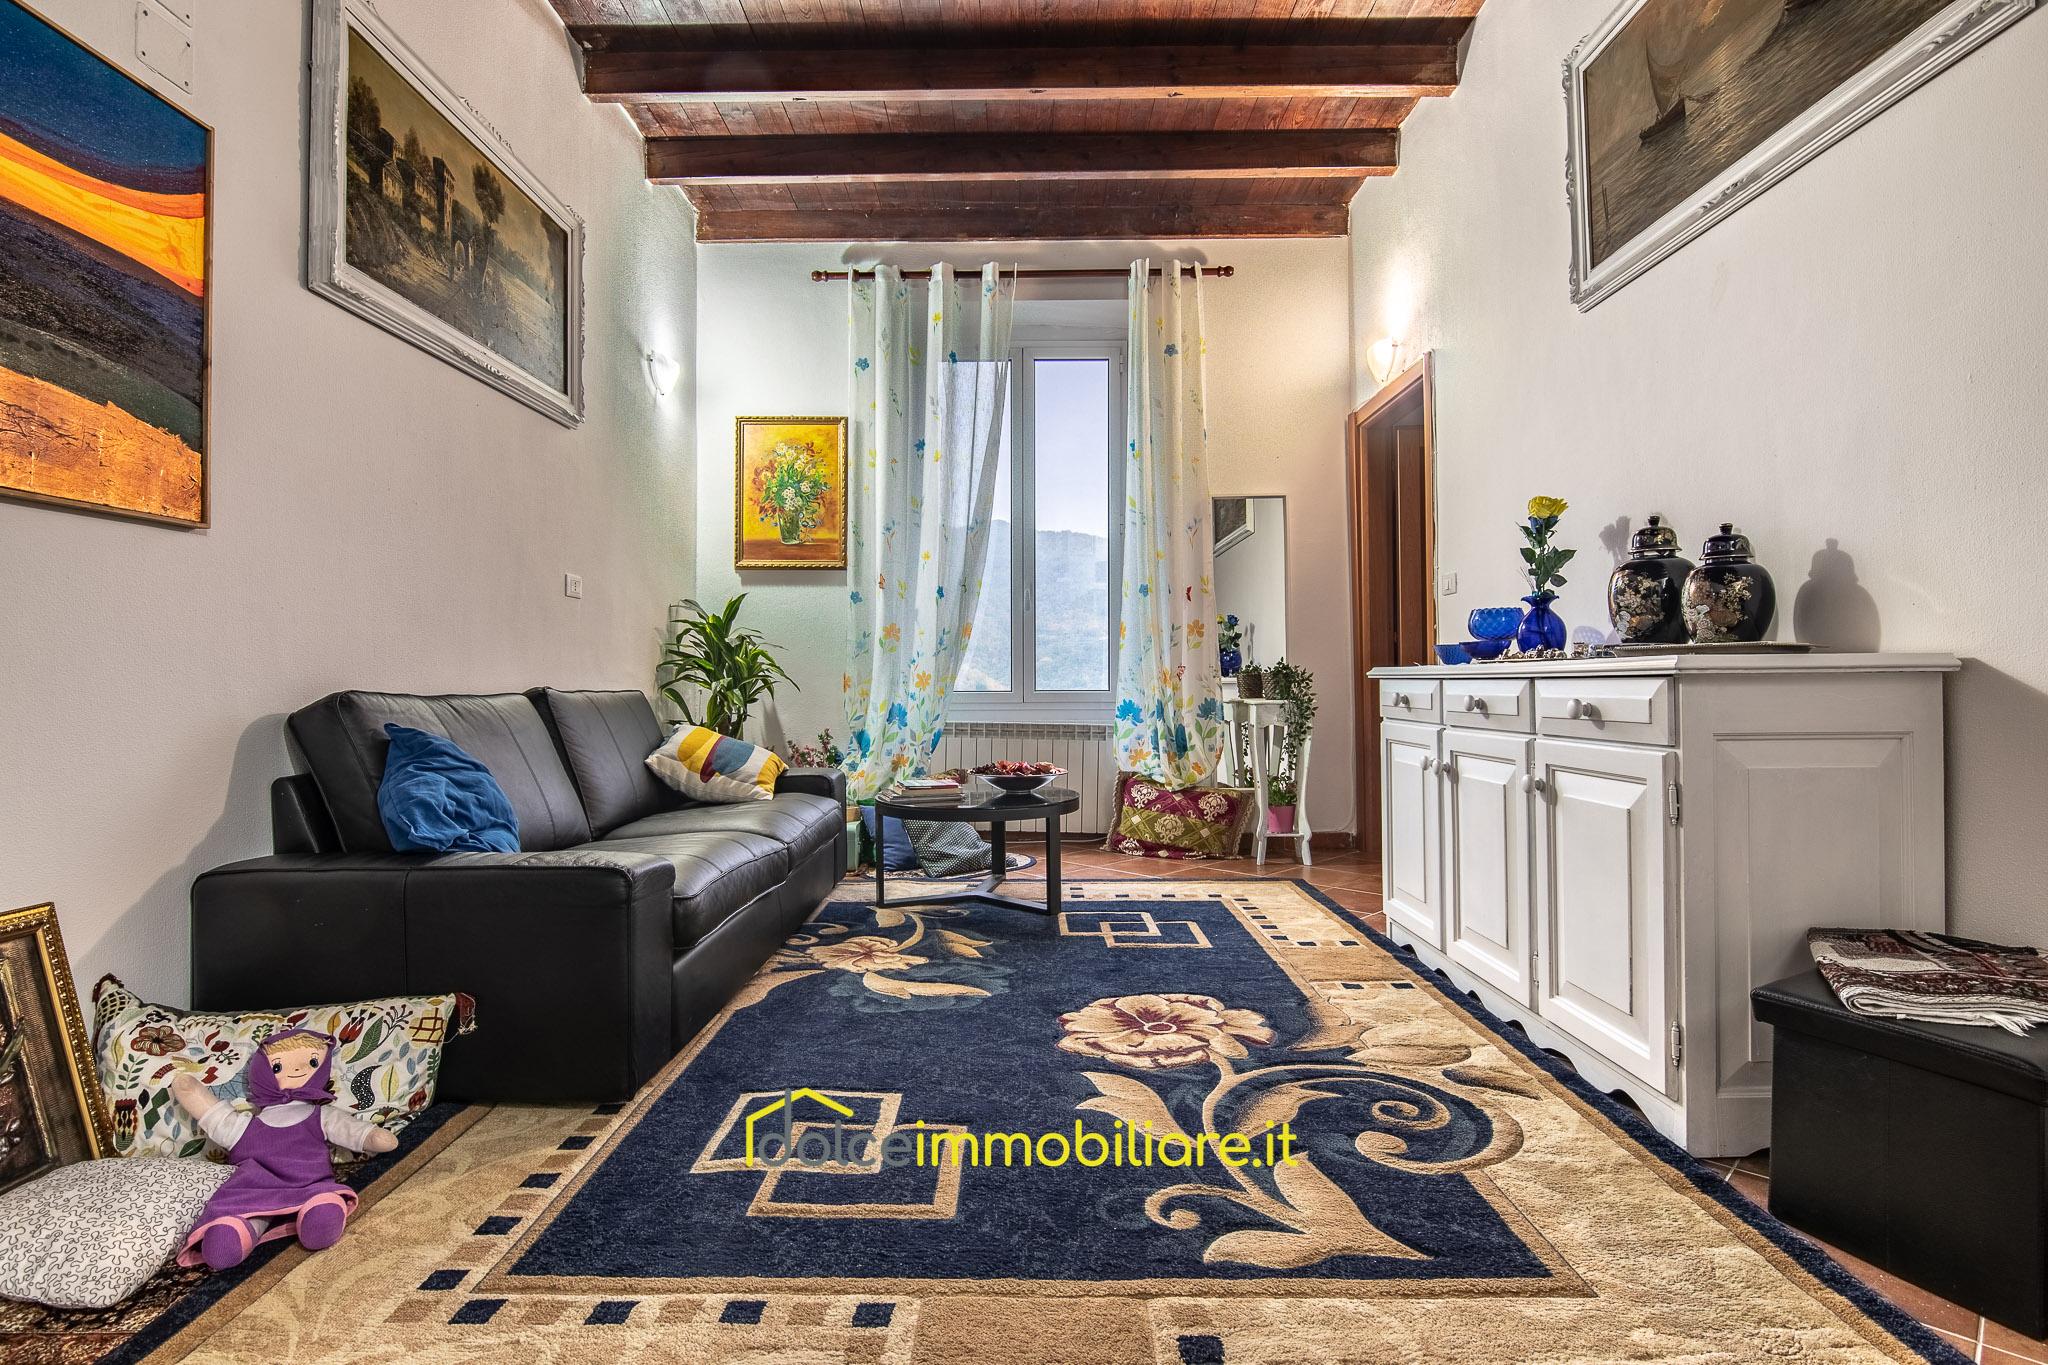 Uscio – Appartamento ristrutturato senza spese condominiali